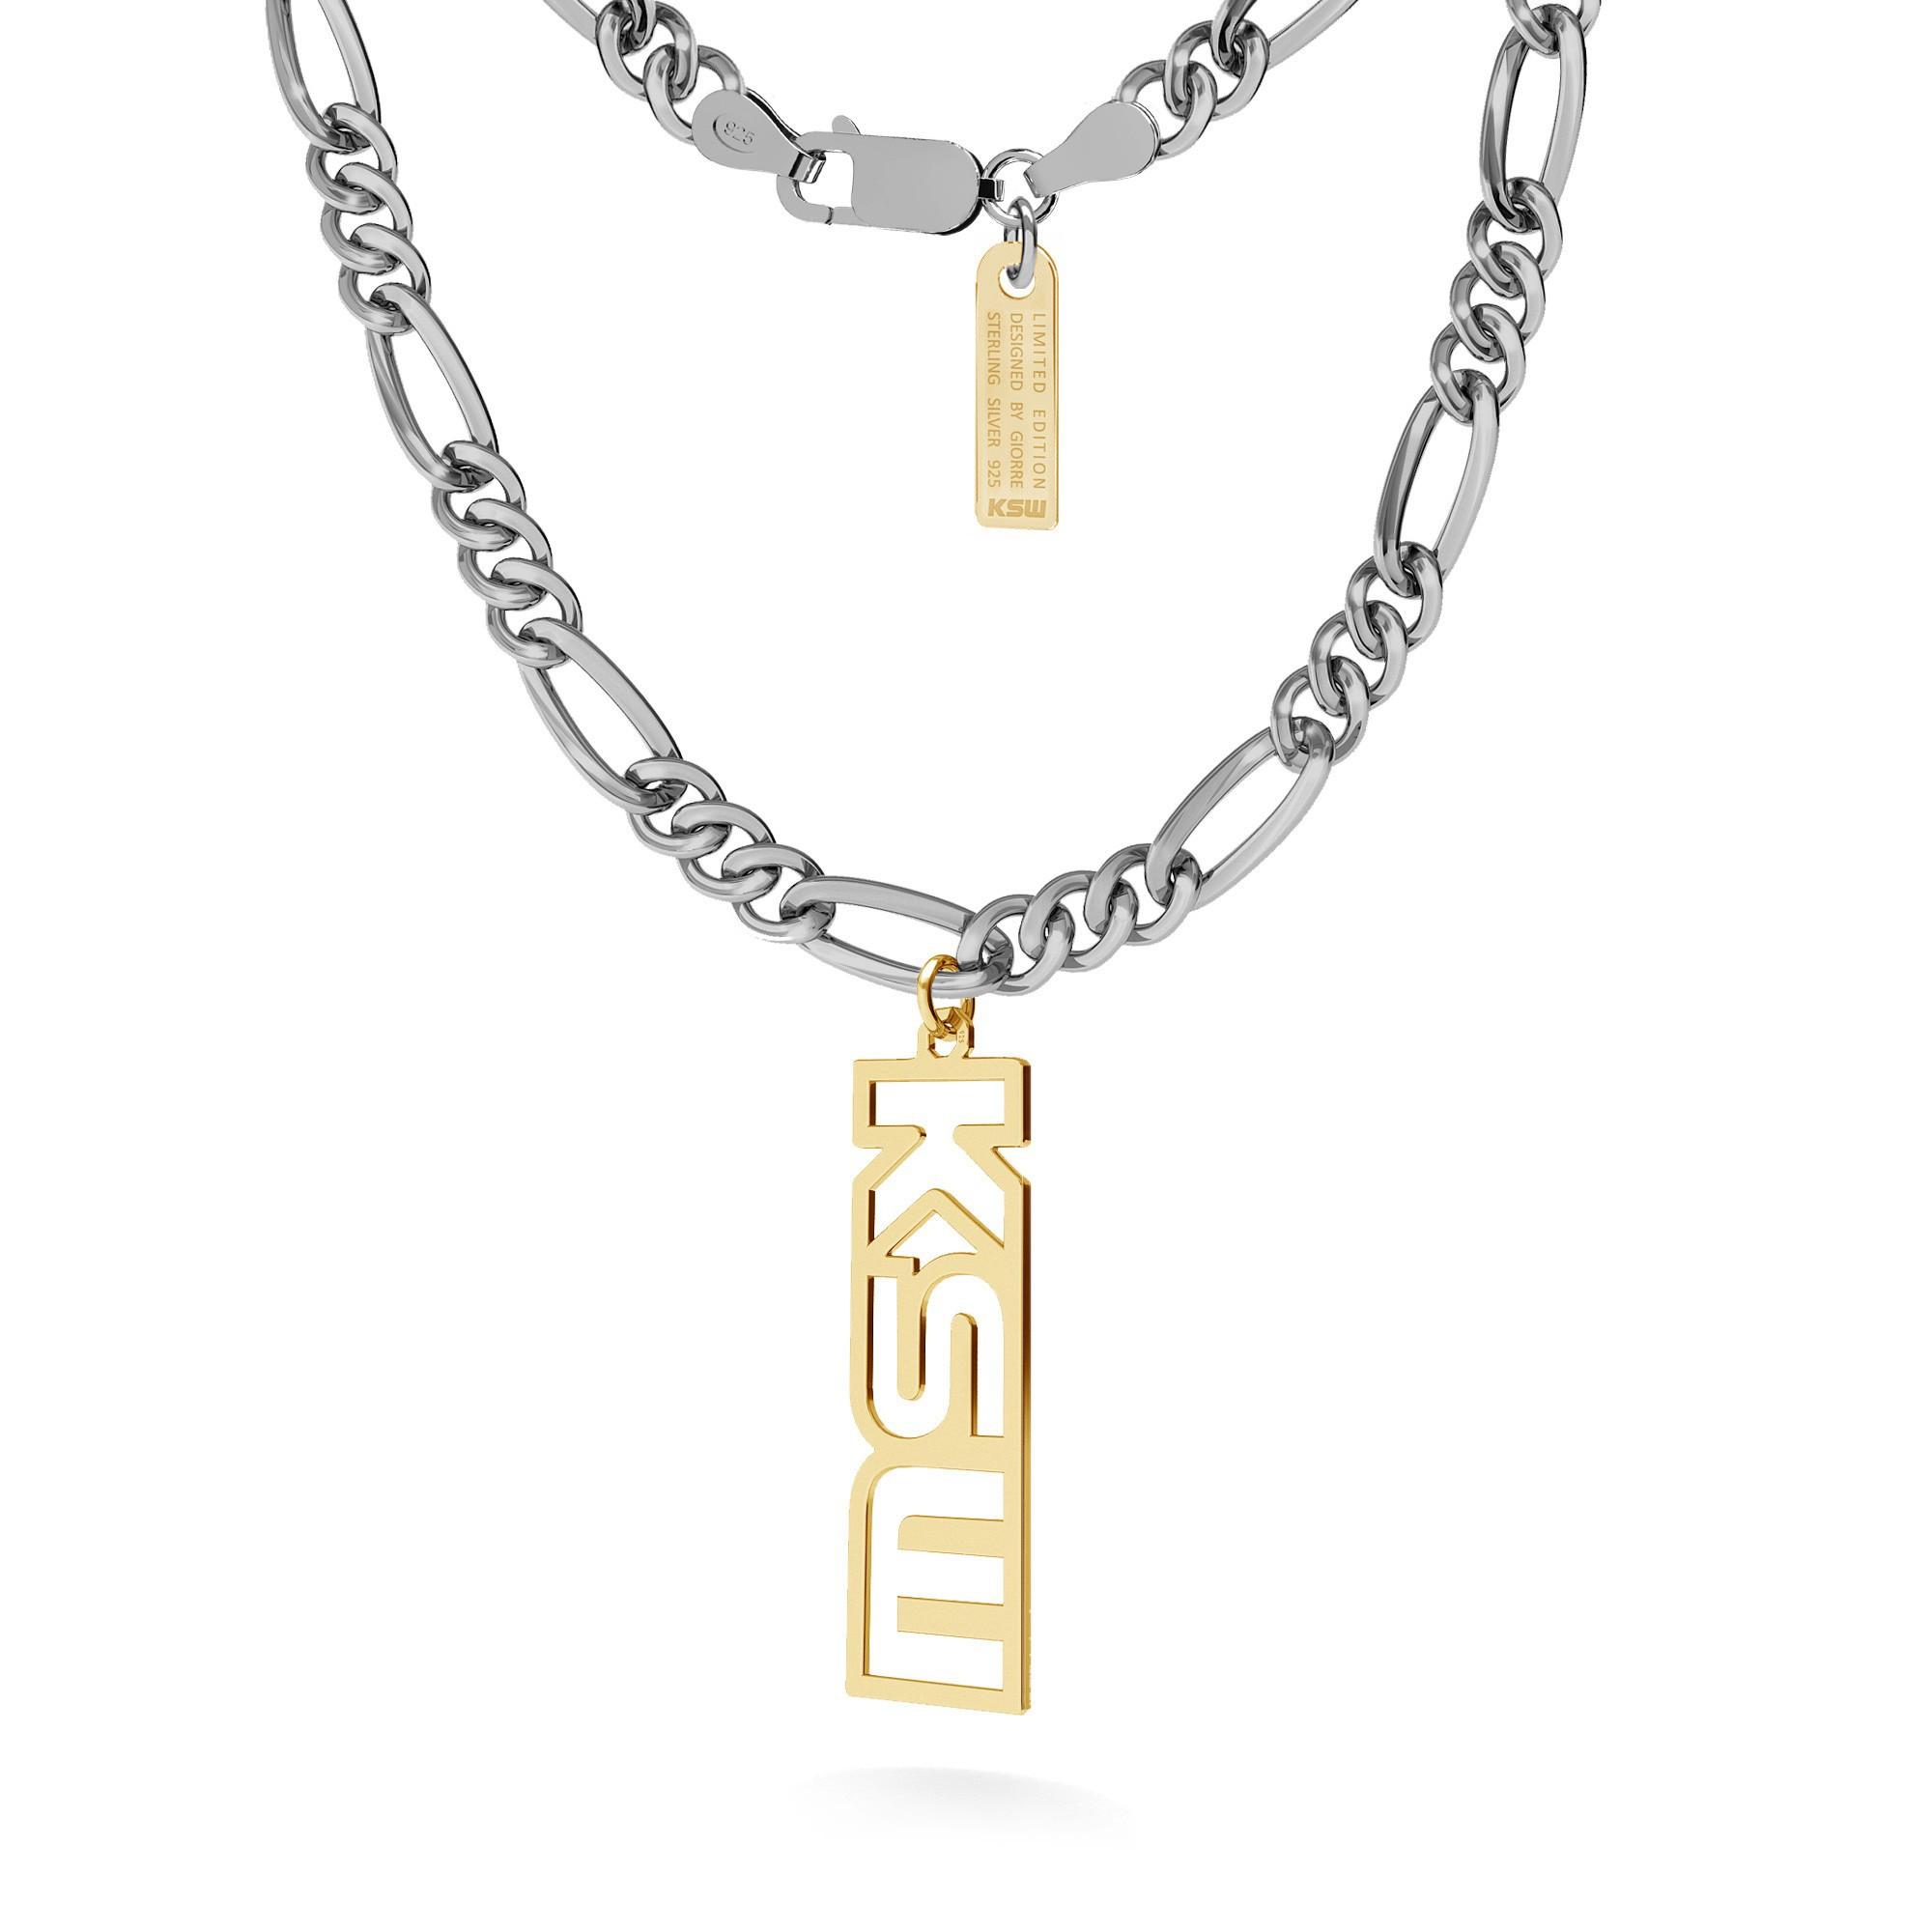 Naszyjnik z zawieszką KSW, łańcuch figaro dmuchane, srebro 925